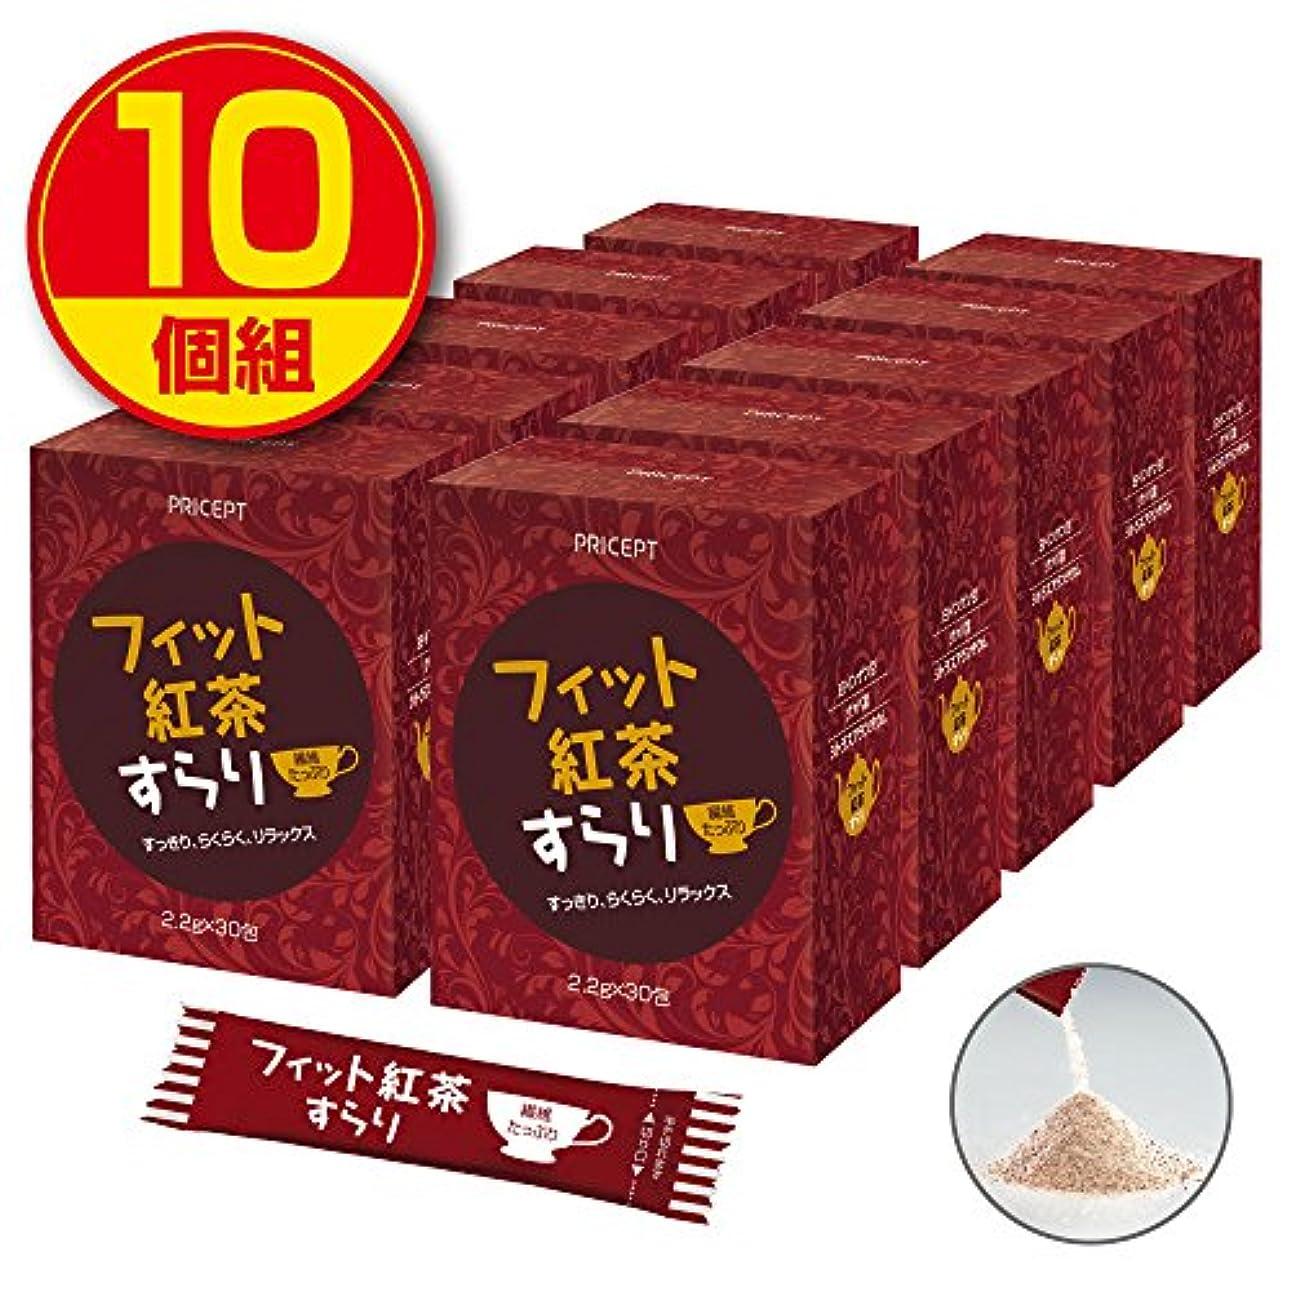 レールのどライトニングプリセプト フィット紅茶すらり(30包)【10個組?300包】(食物繊維配合ダイエットサポート紅茶)